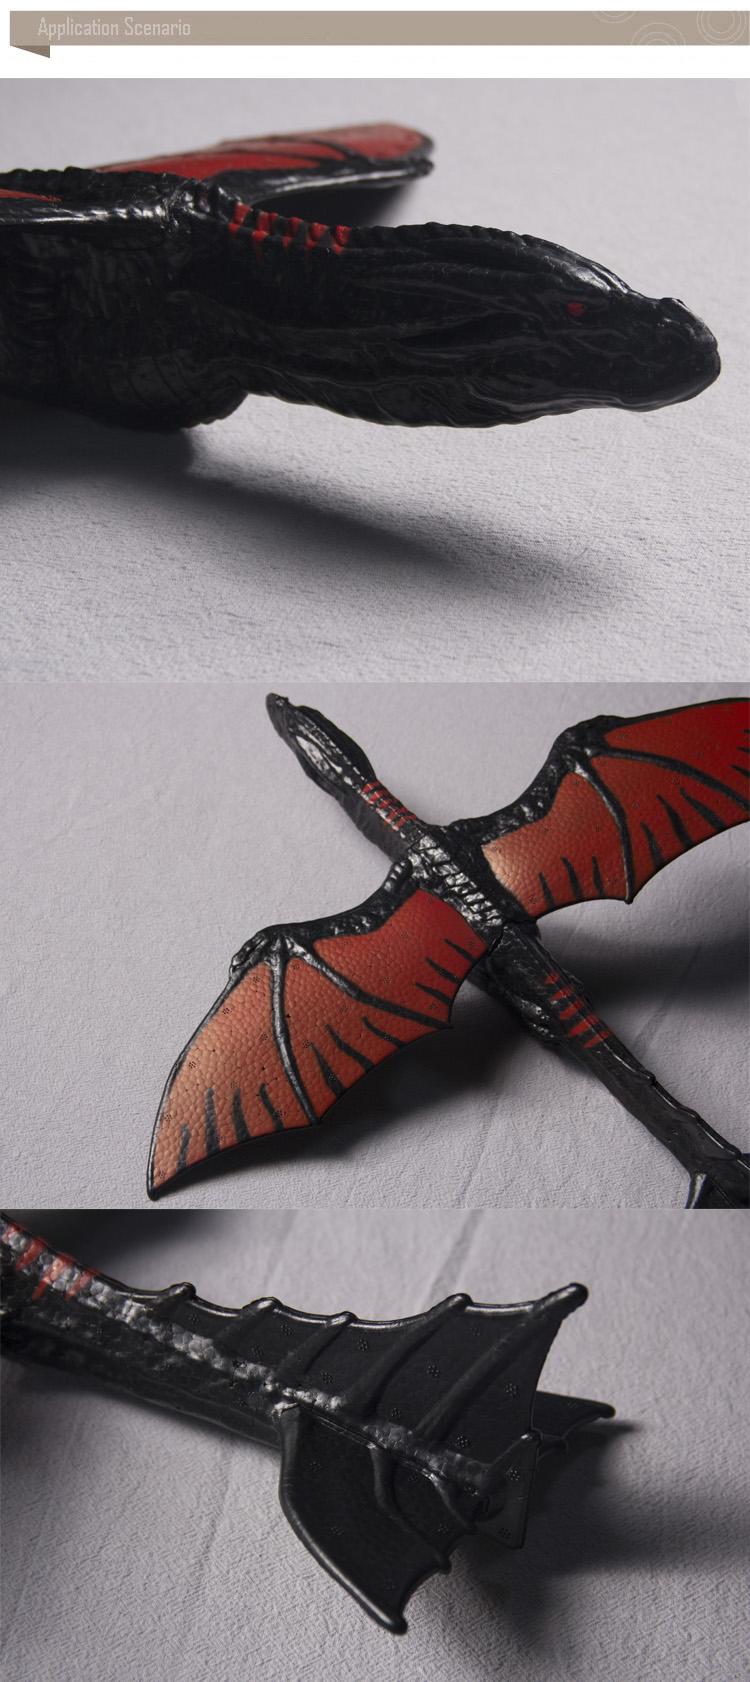 dragon hand glider